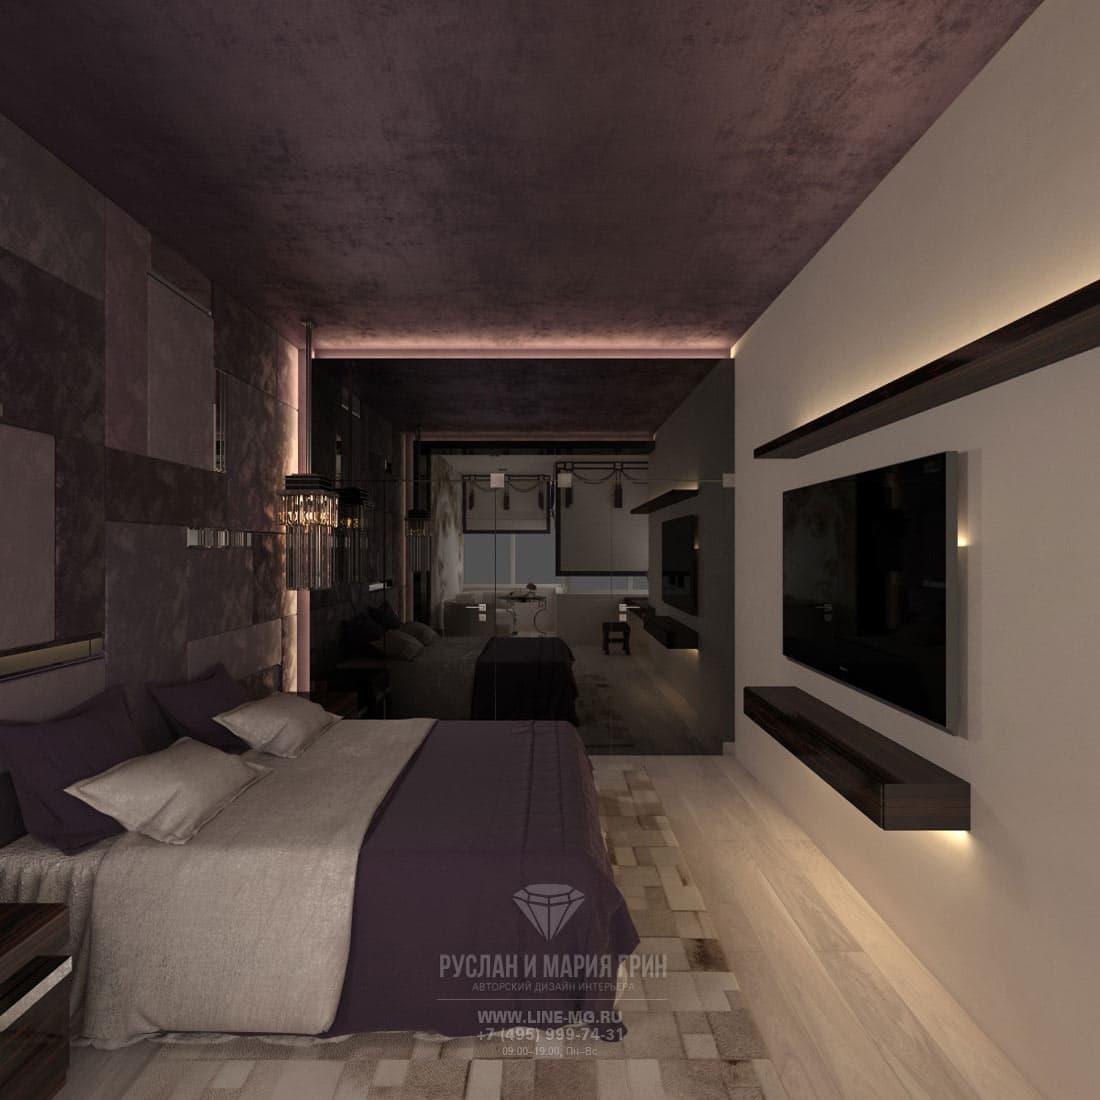 Элитный ремонт квартиры в Москве. Фото интерьера спальни в стиле ар-деко